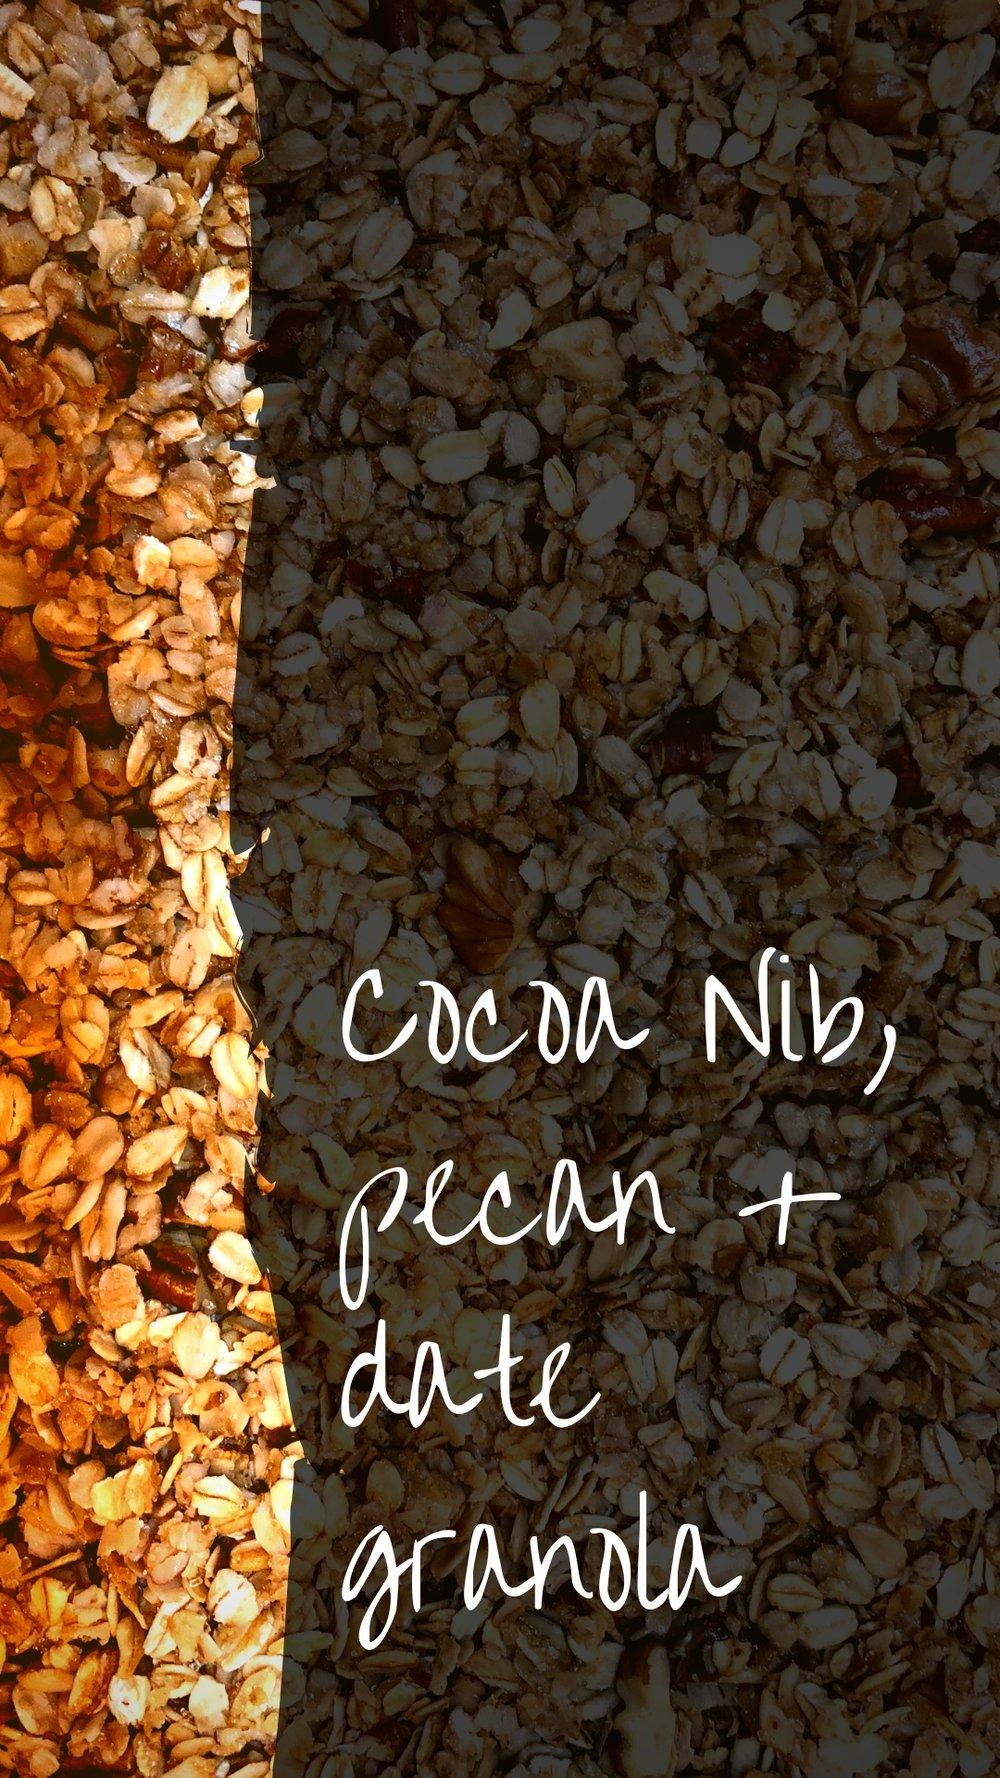 CocoaGranolaRecipe - Cocoa Nib, Pecan, Date, Avocado Oil Granola